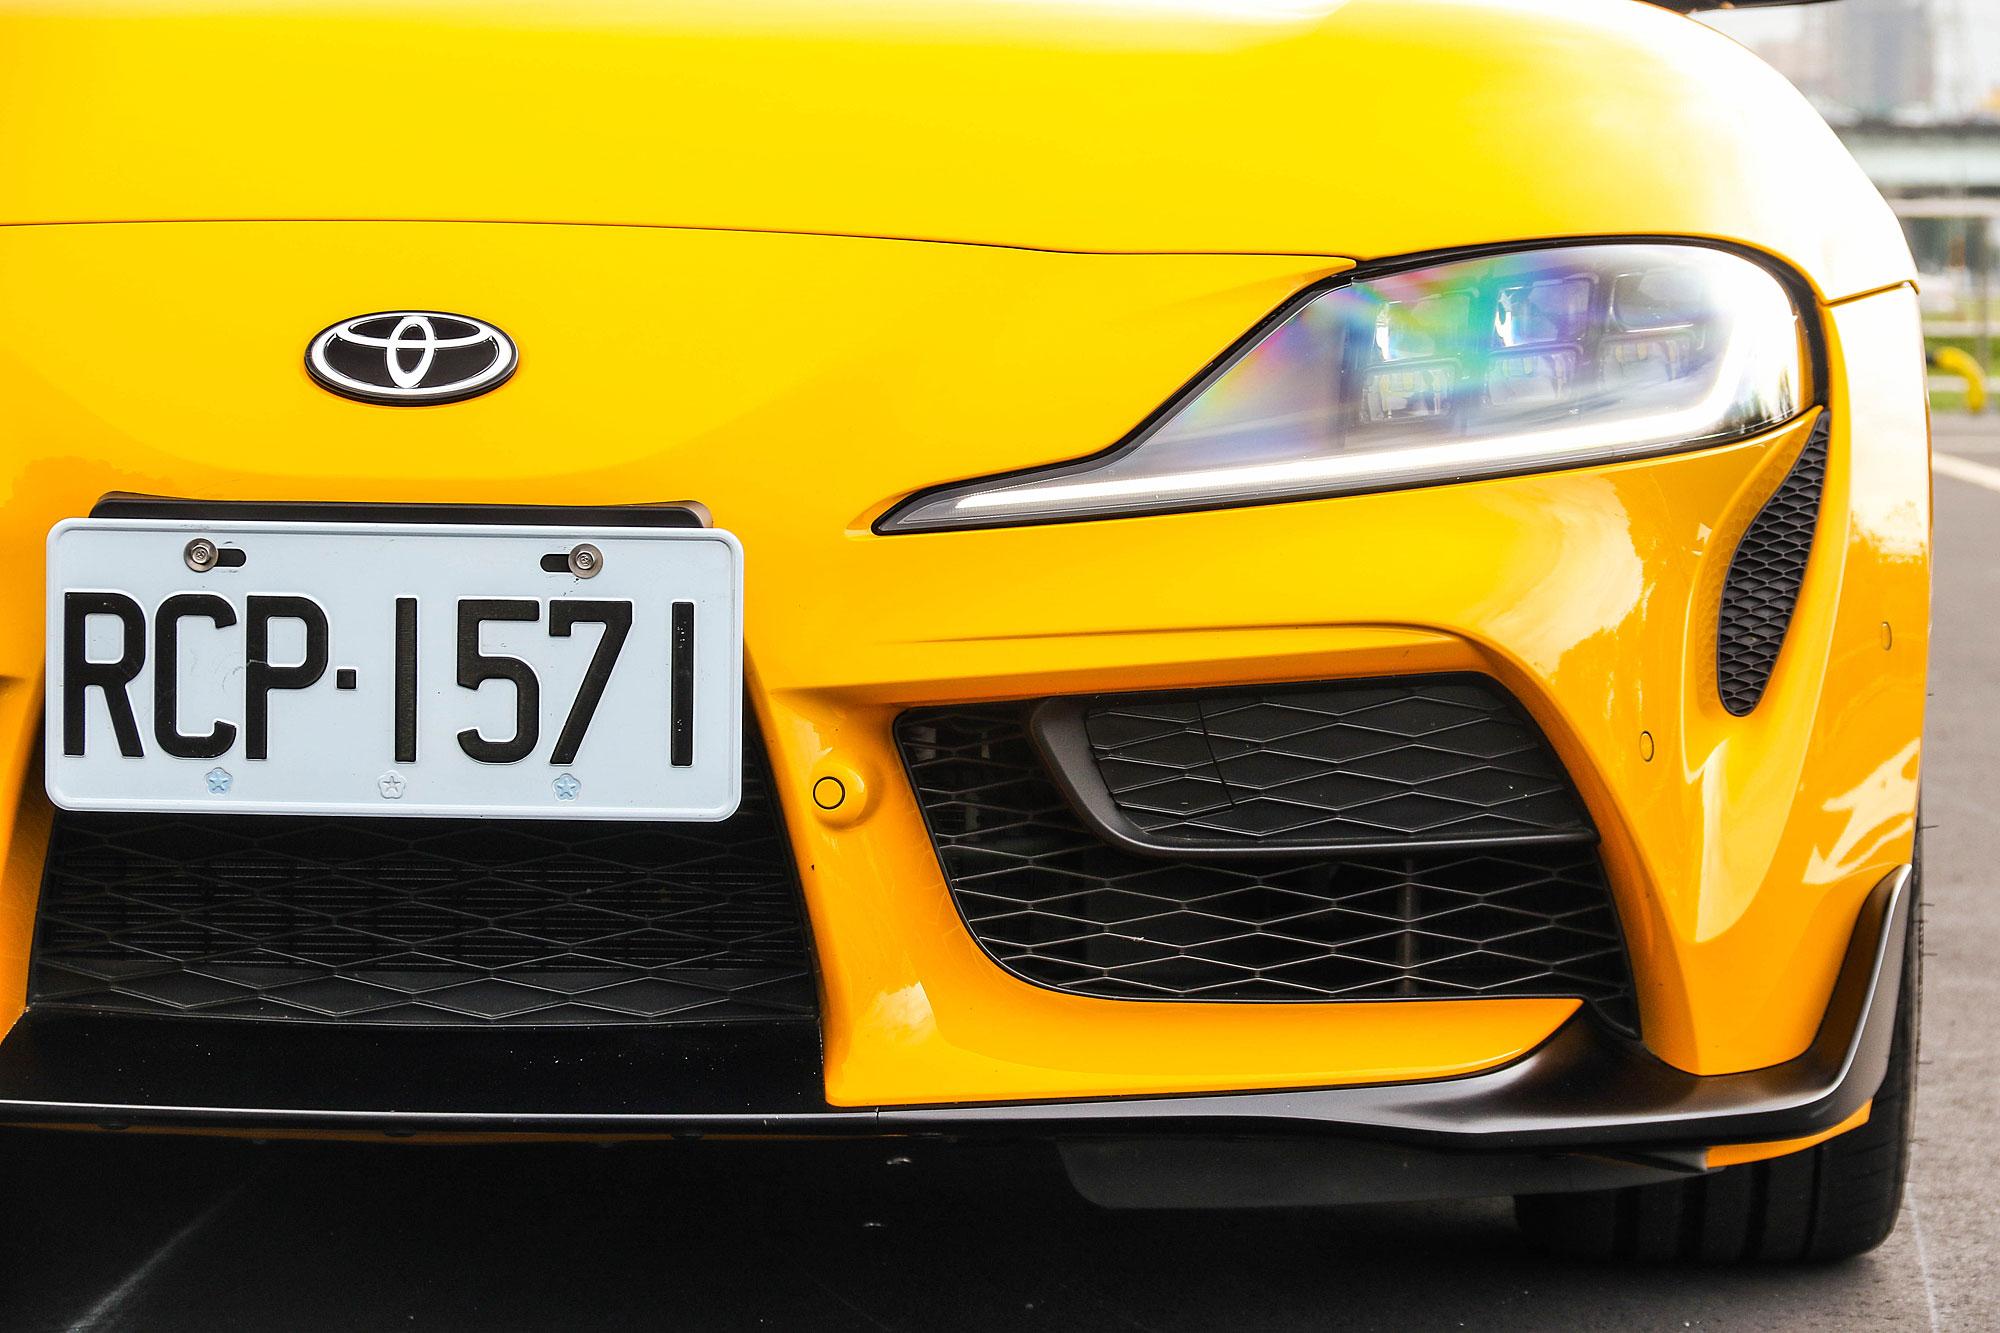 高車鼻設計讓人聯想到方程式與利曼原型賽車。